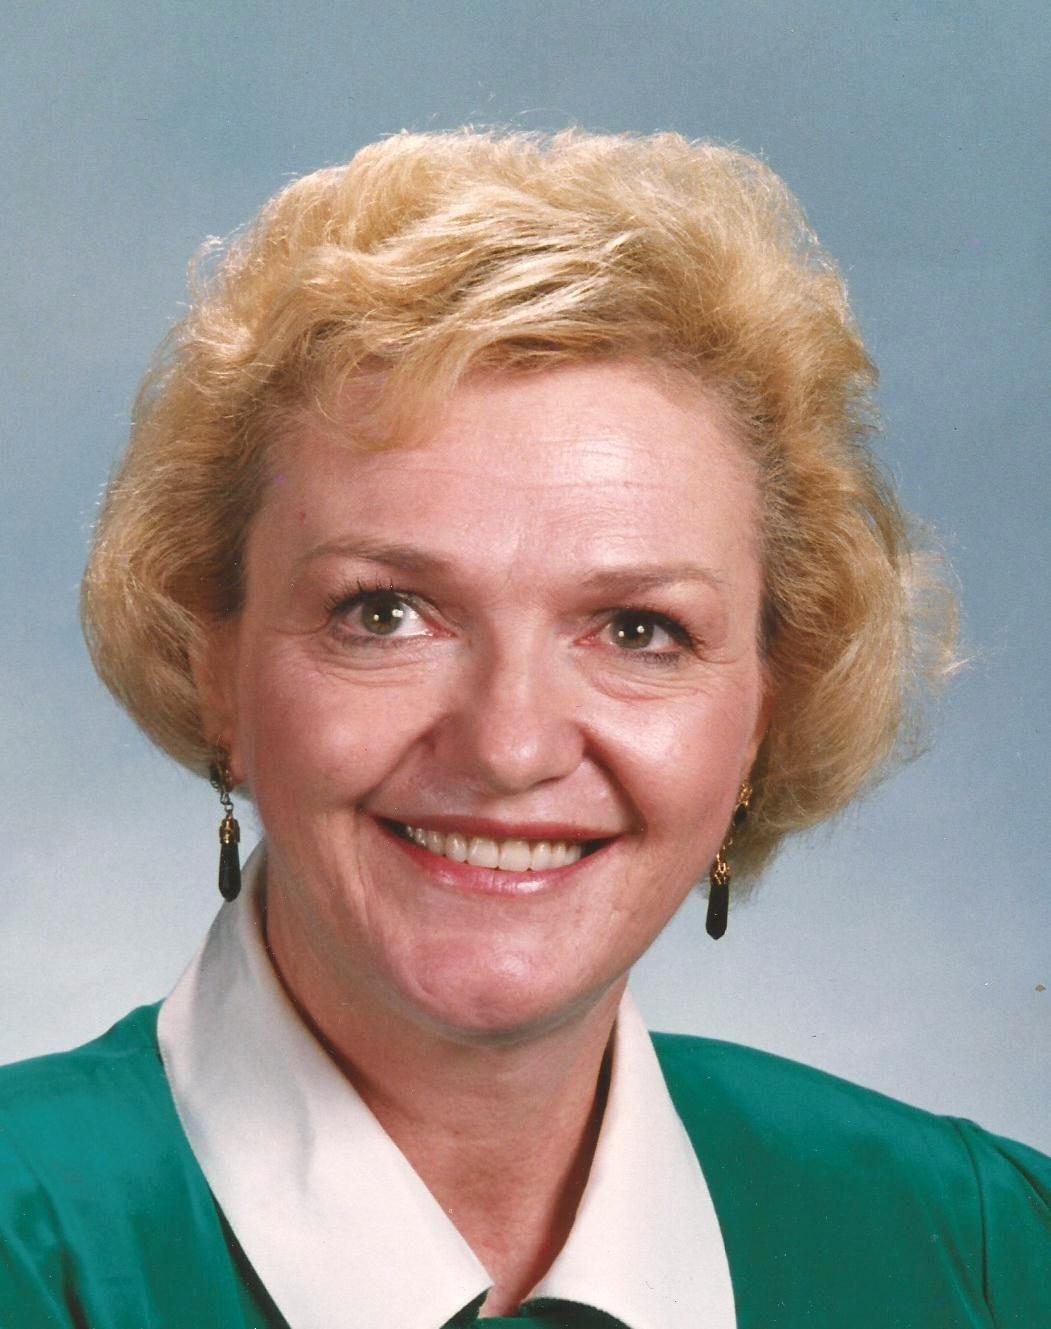 Cynthia Cypert